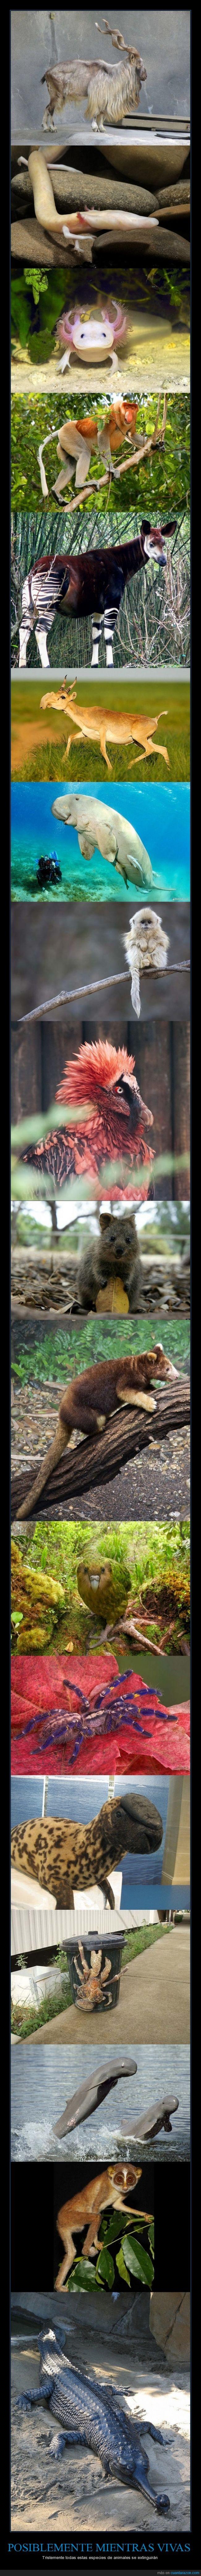 animal,buitre,canguro,cocodrilo,desaparecer,especie,extincion,extinguir,extinto,foca,okapi,oso,quokka,vida